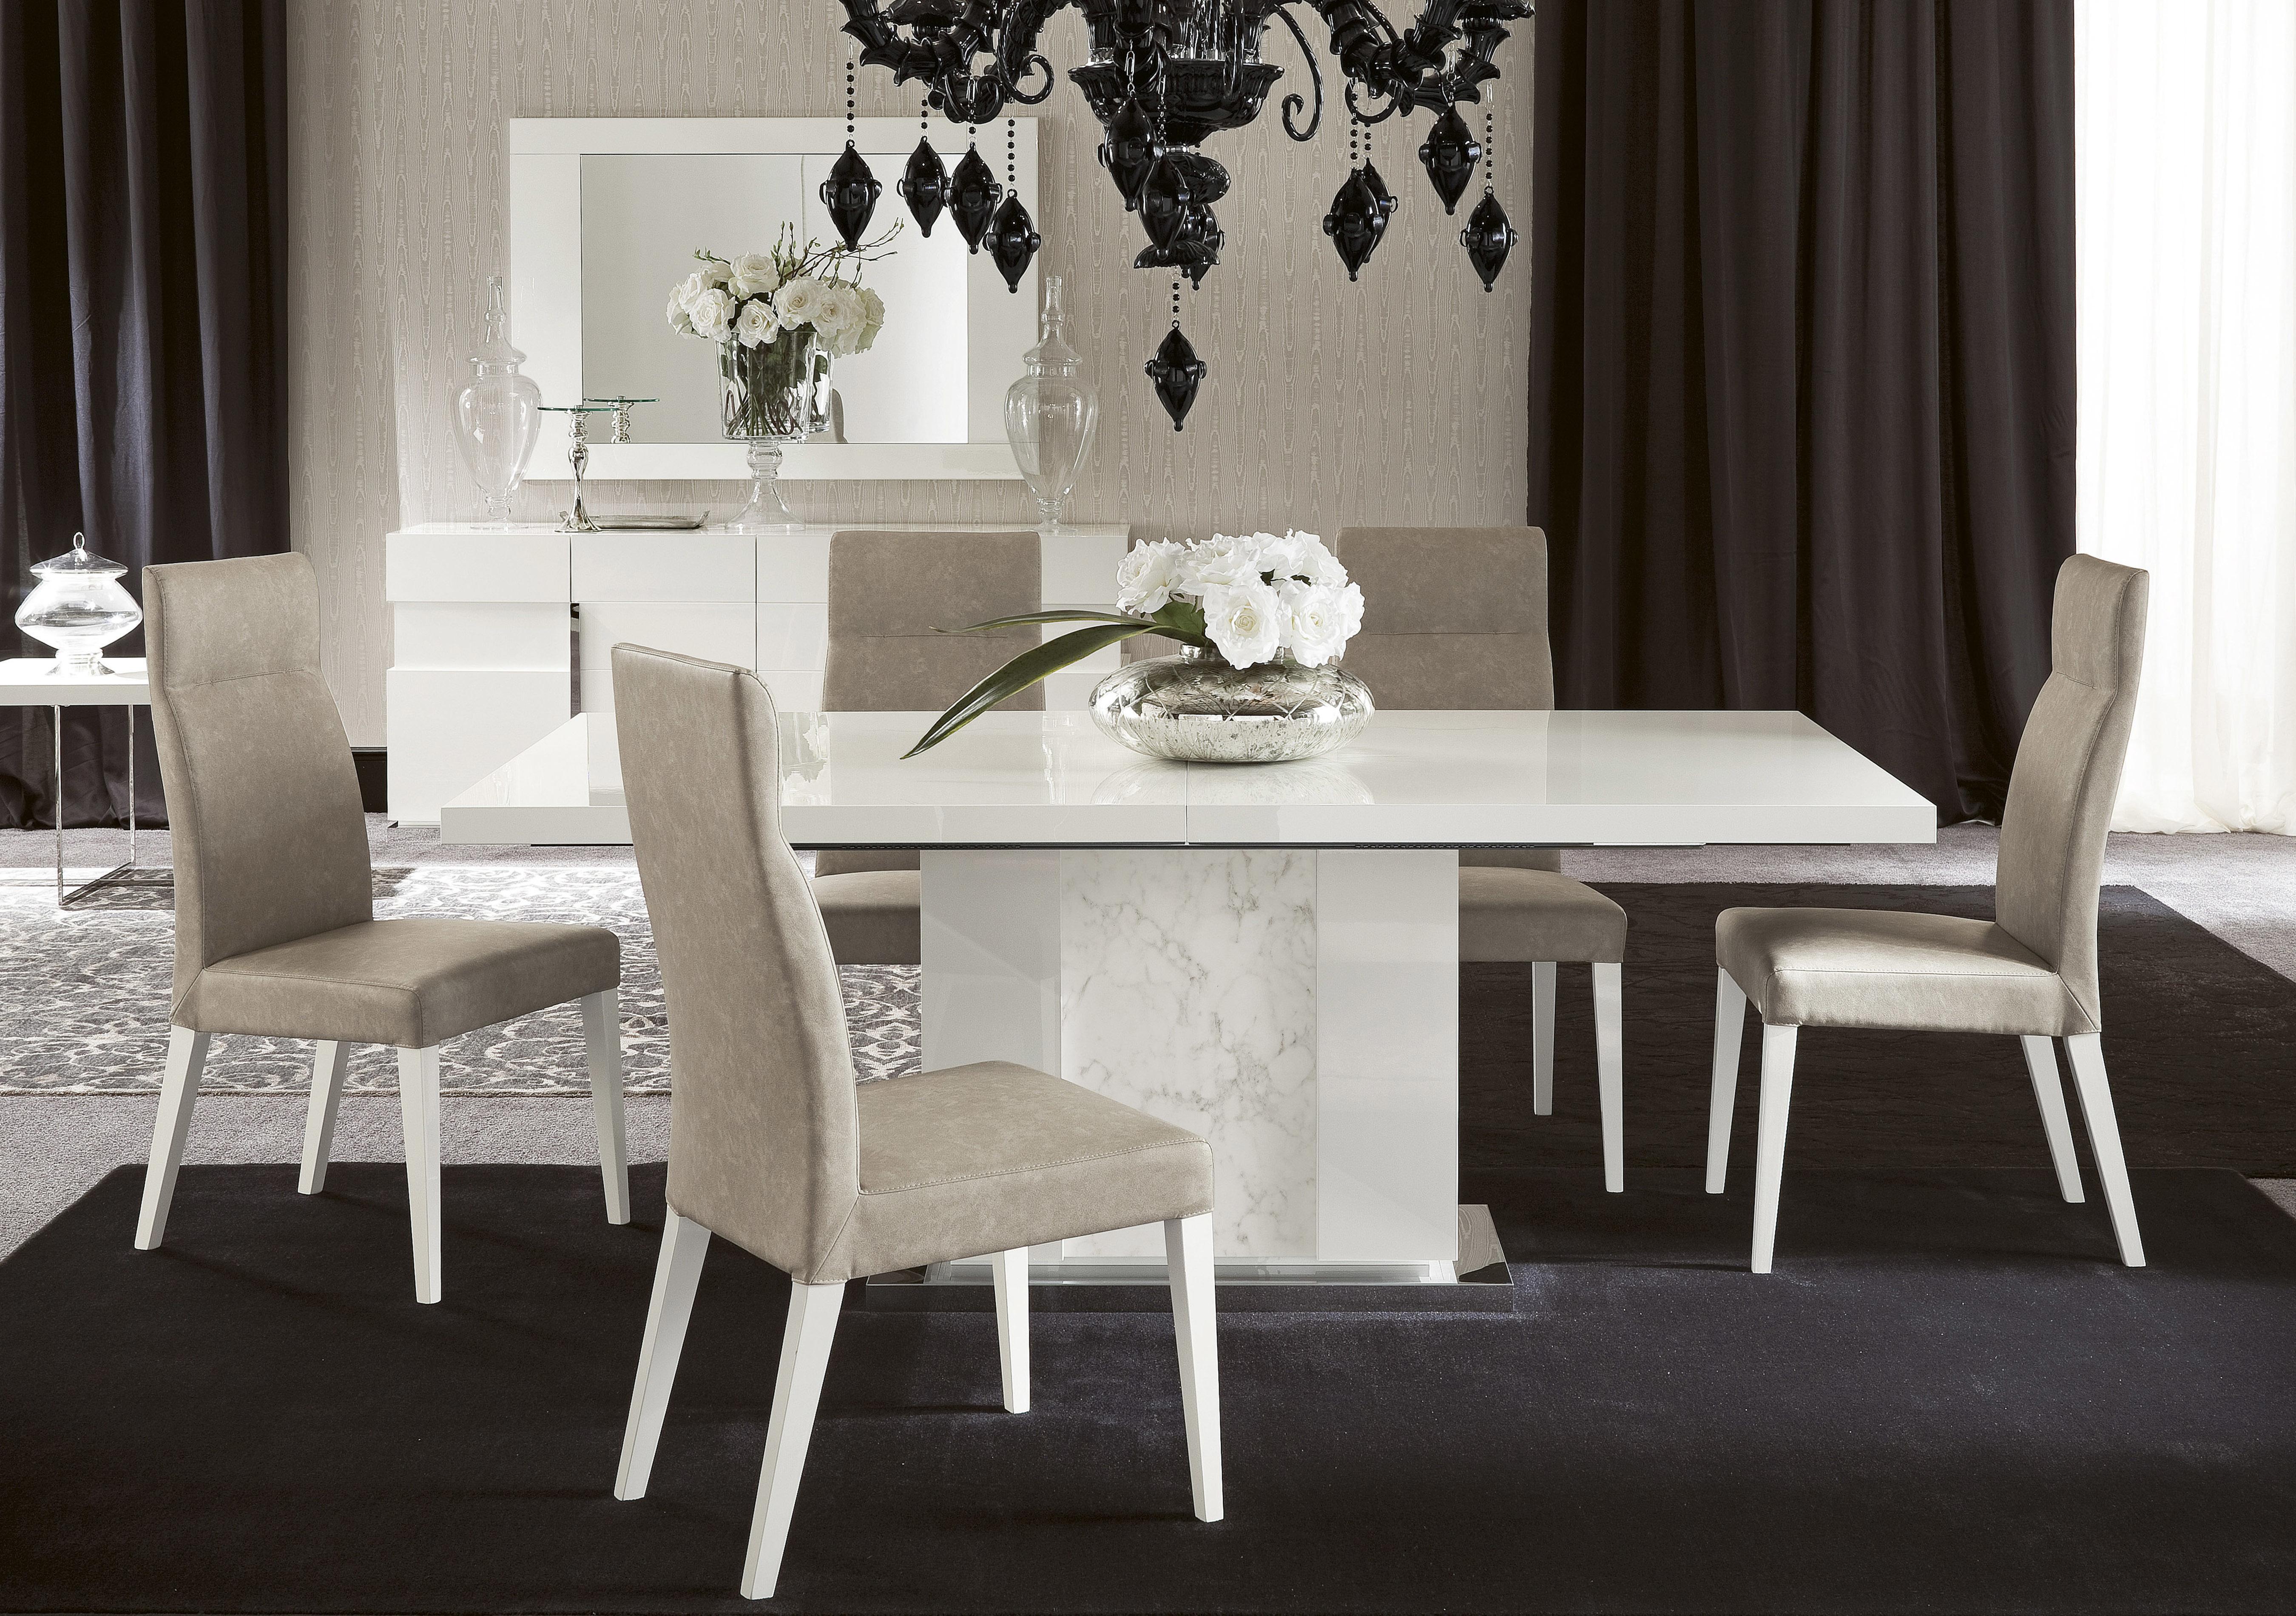 Furniture Village Dining Sets marble dining room furniture